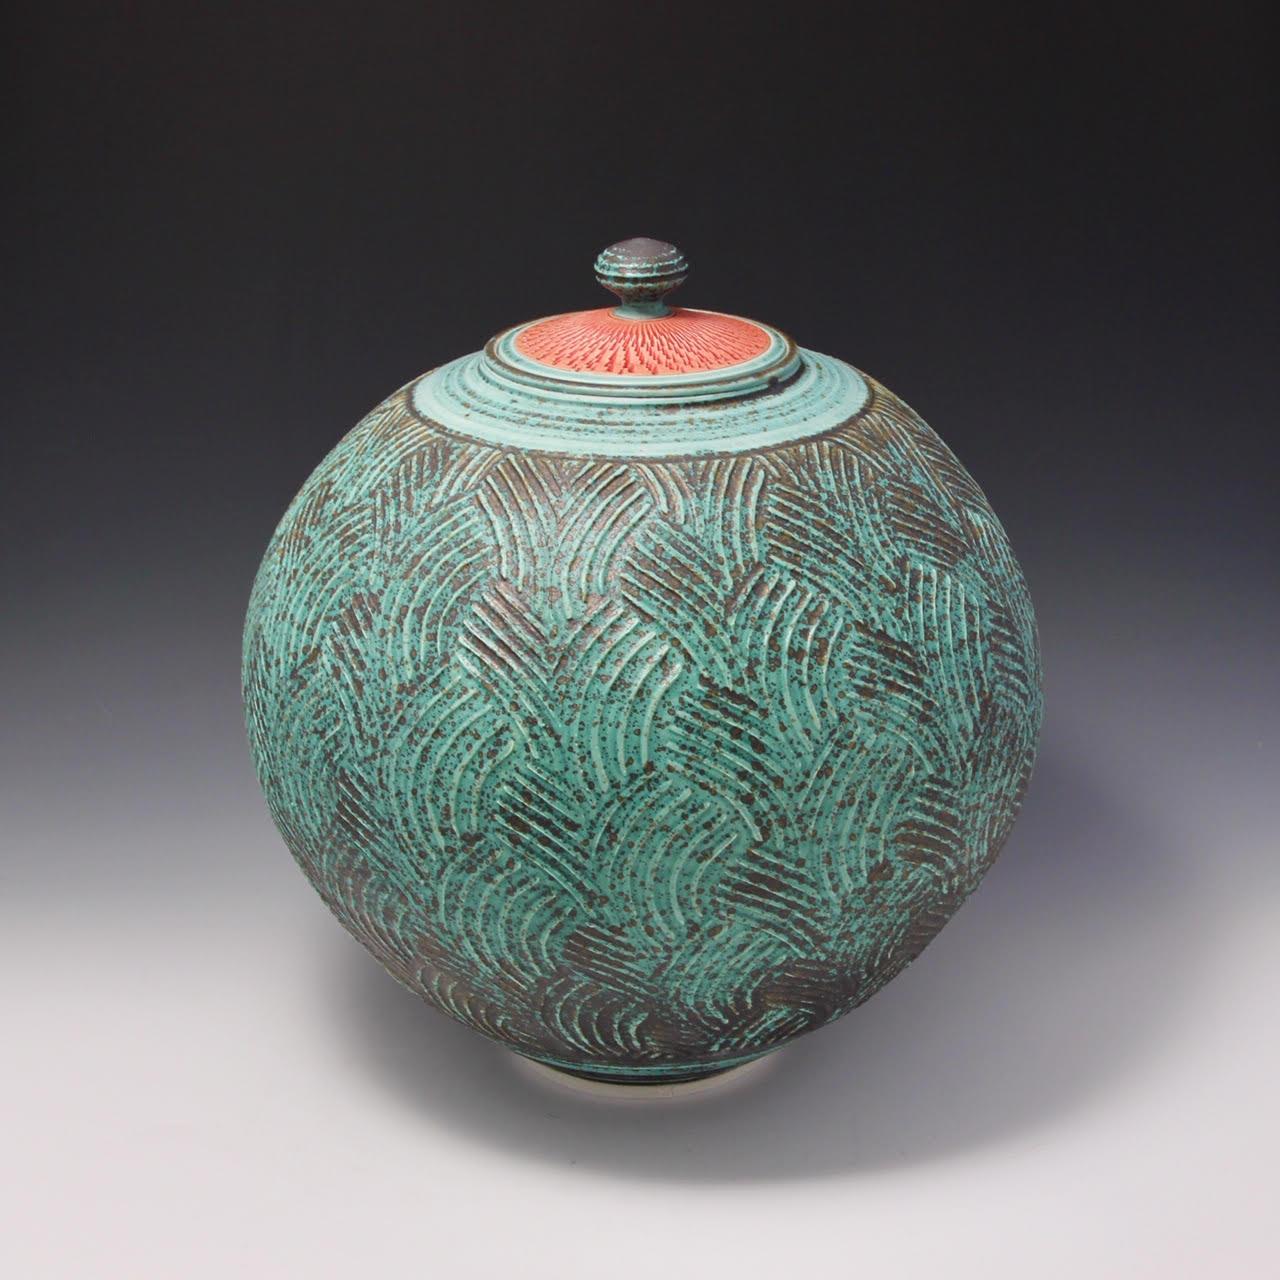 Hsin-Chuen Lin Roller Textured Covered Jar